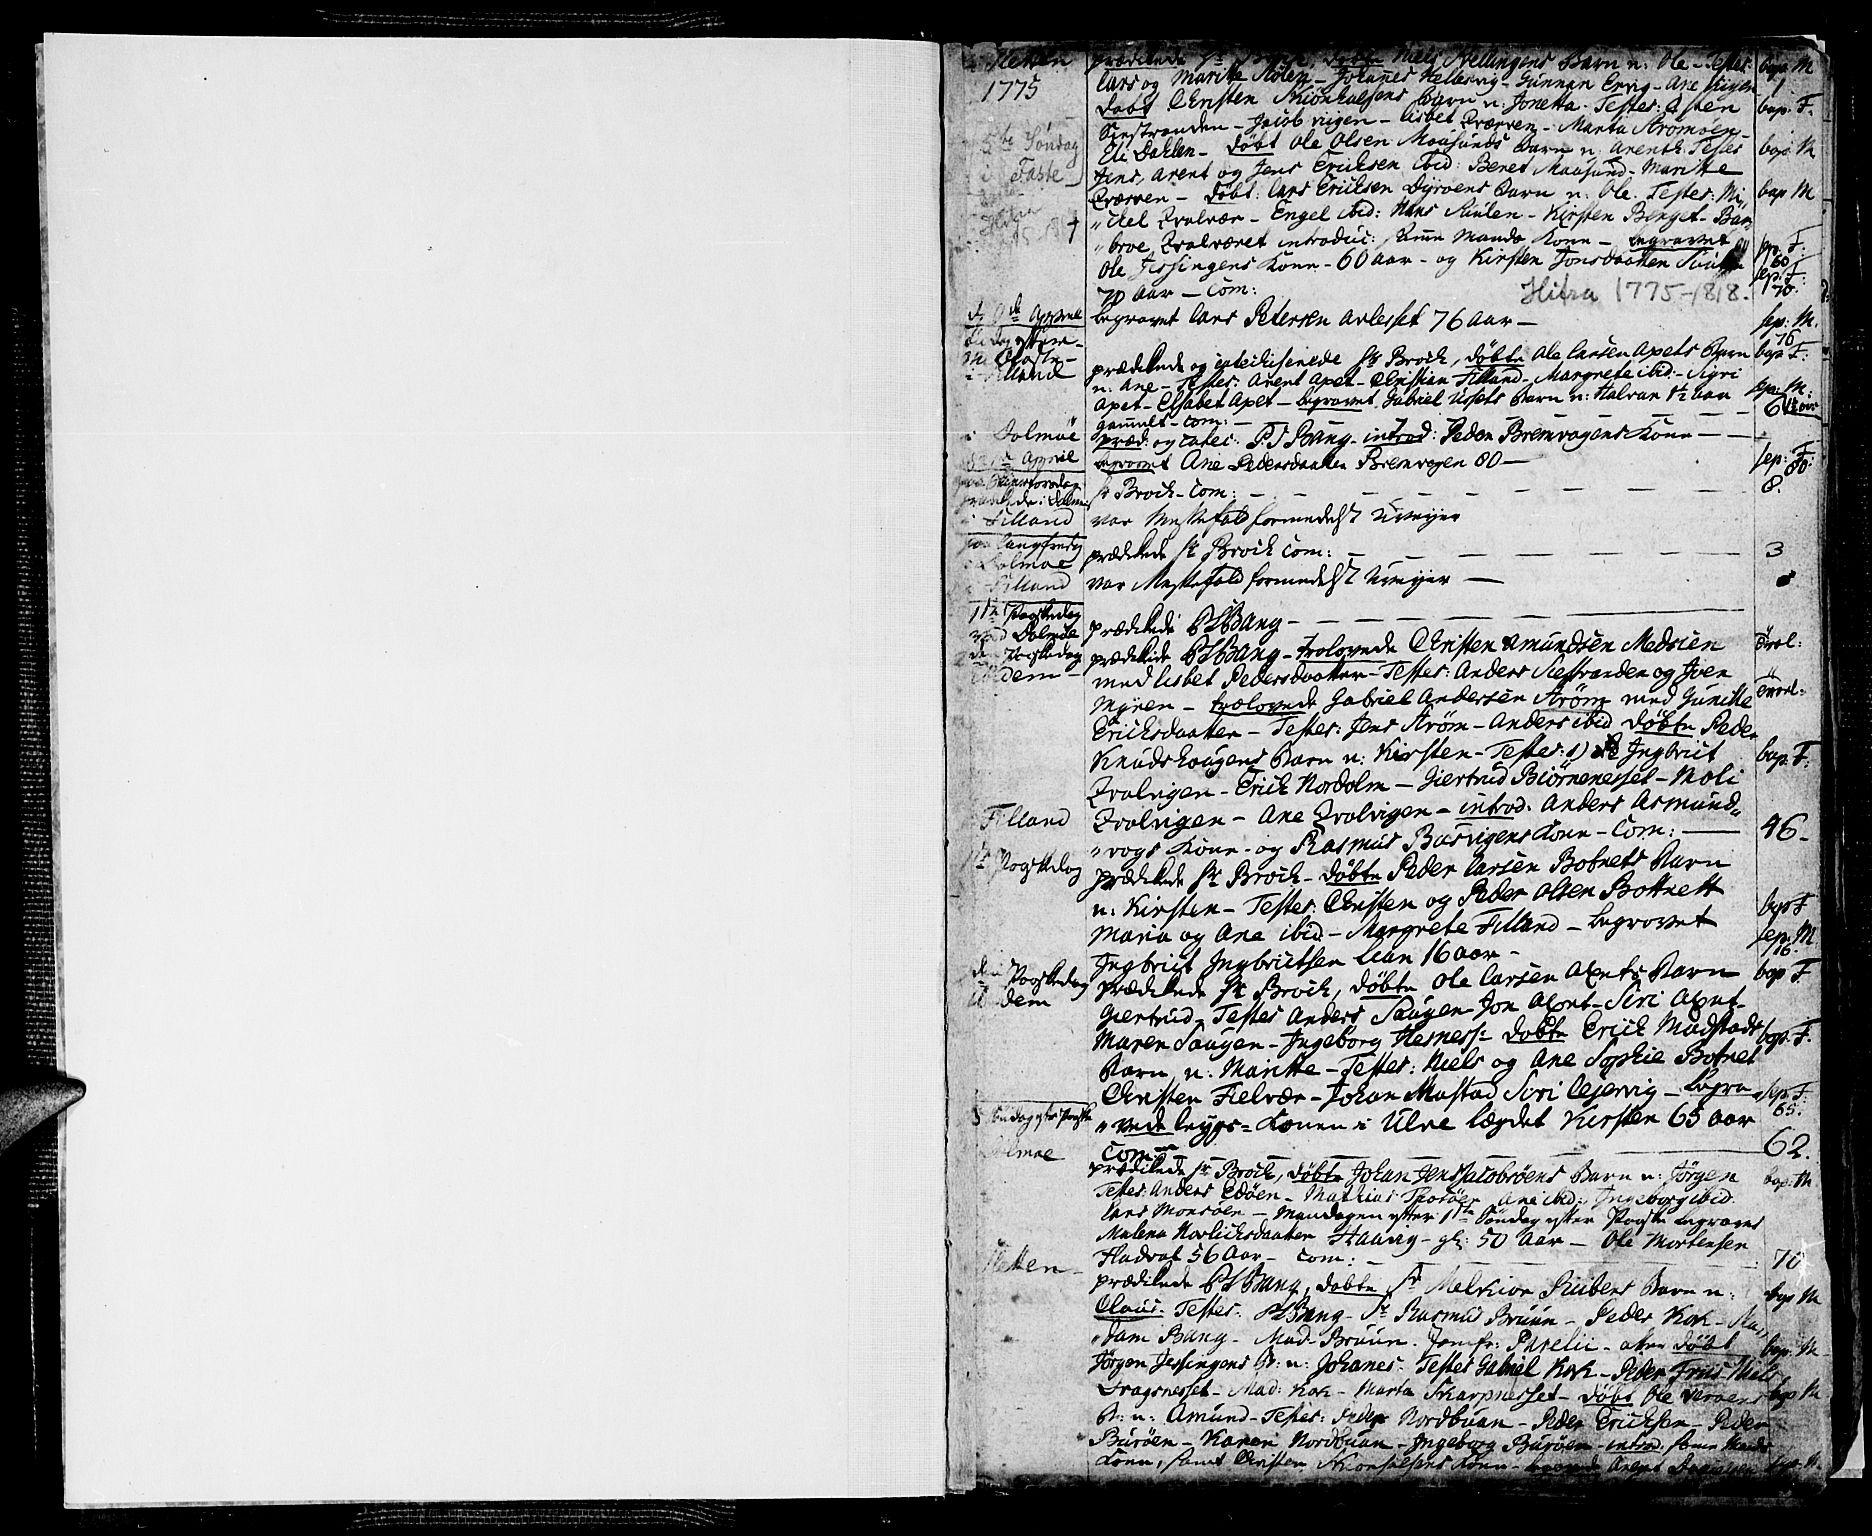 SAT, Ministerialprotokoller, klokkerbøker og fødselsregistre - Sør-Trøndelag, 634/L0526: Ministerialbok nr. 634A02, 1775-1818, s. 1